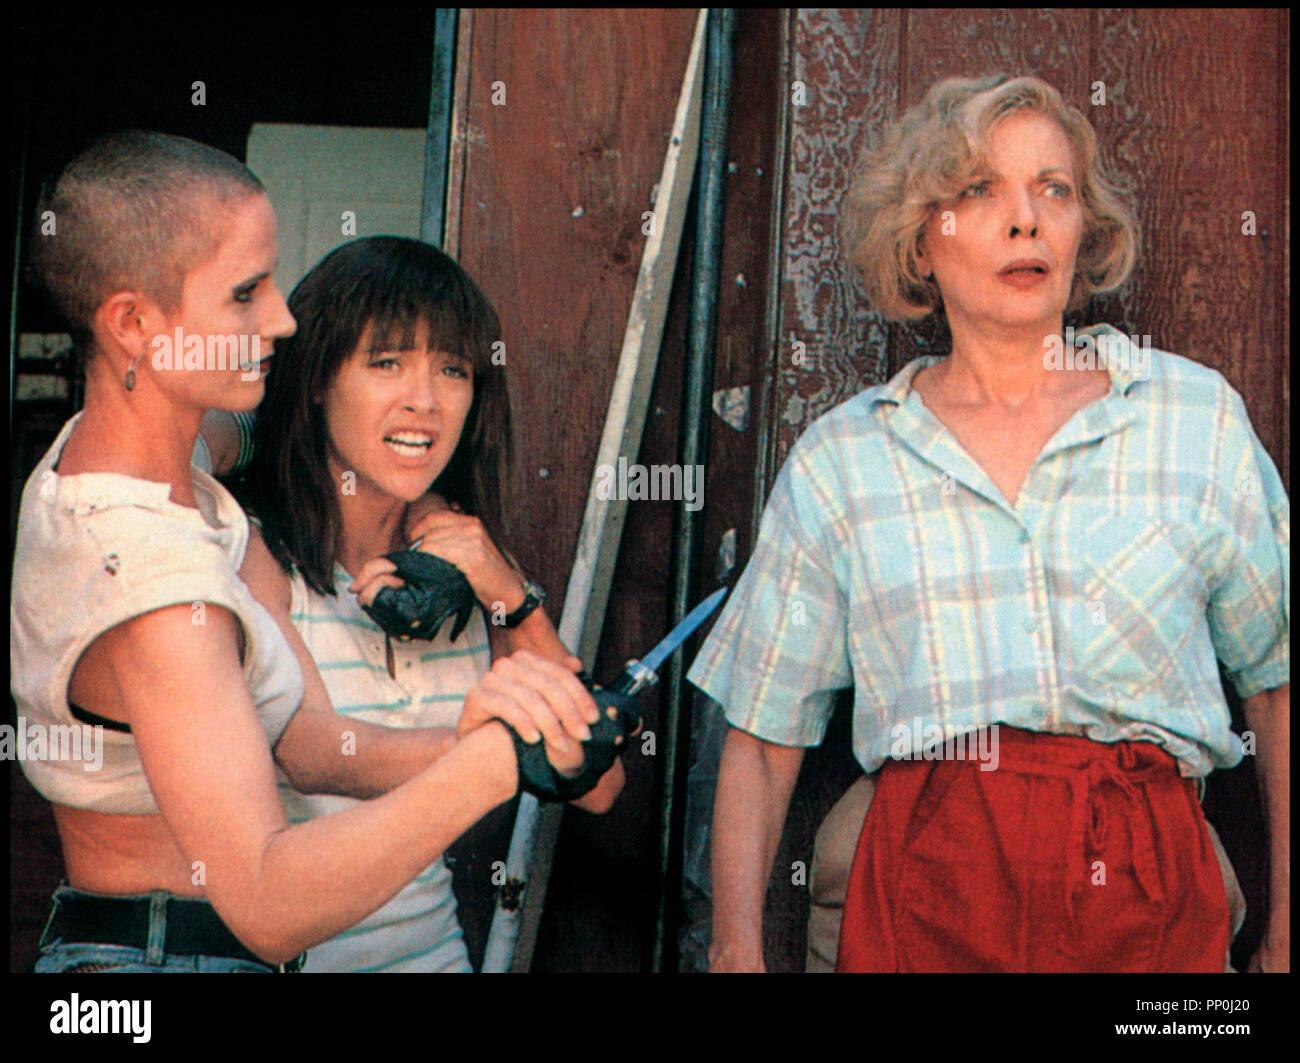 Carol Alt Hot picture Barbara Livi,Zoie Palmer